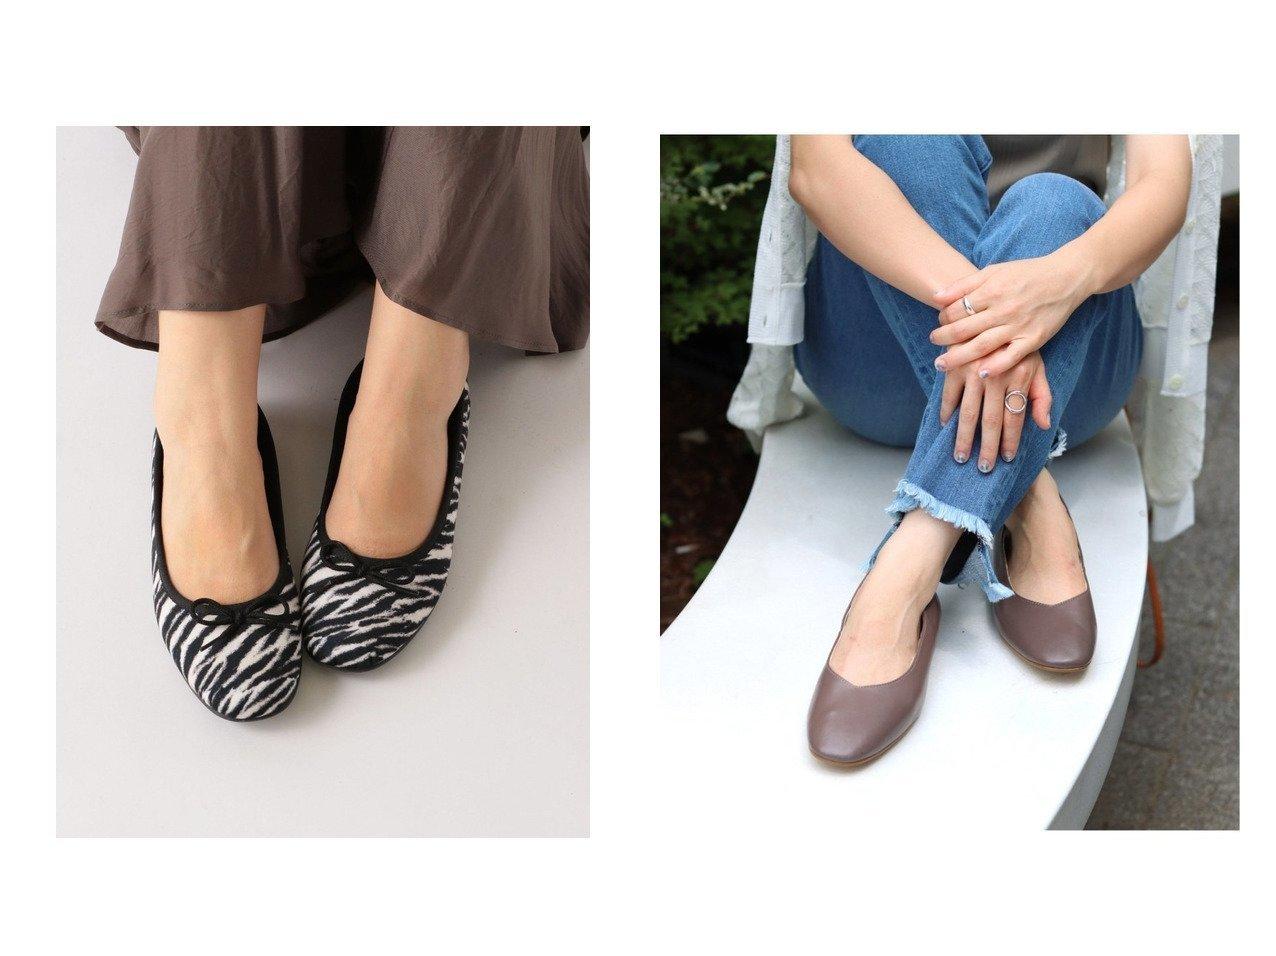 【REMME/レメ】のREMME パンプス&【SHIPS any/シップス エニィ】のO kyti バレエシューズ シューズ・靴のおすすめ!人気、トレンド・レディースファッションの通販  おすすめで人気の流行・トレンド、ファッションの通販商品 メンズファッション・キッズファッション・インテリア・家具・レディースファッション・服の通販 founy(ファニー) https://founy.com/ ファッション Fashion レディースファッション WOMEN シューズ シンプル スニーカー バレエ レオパード 人気 2020年 2020 2020 春夏 S/S SS Spring/Summer 2020 S/S 春夏 SS Spring/Summer ソックス タイツ |ID:crp329100000010825